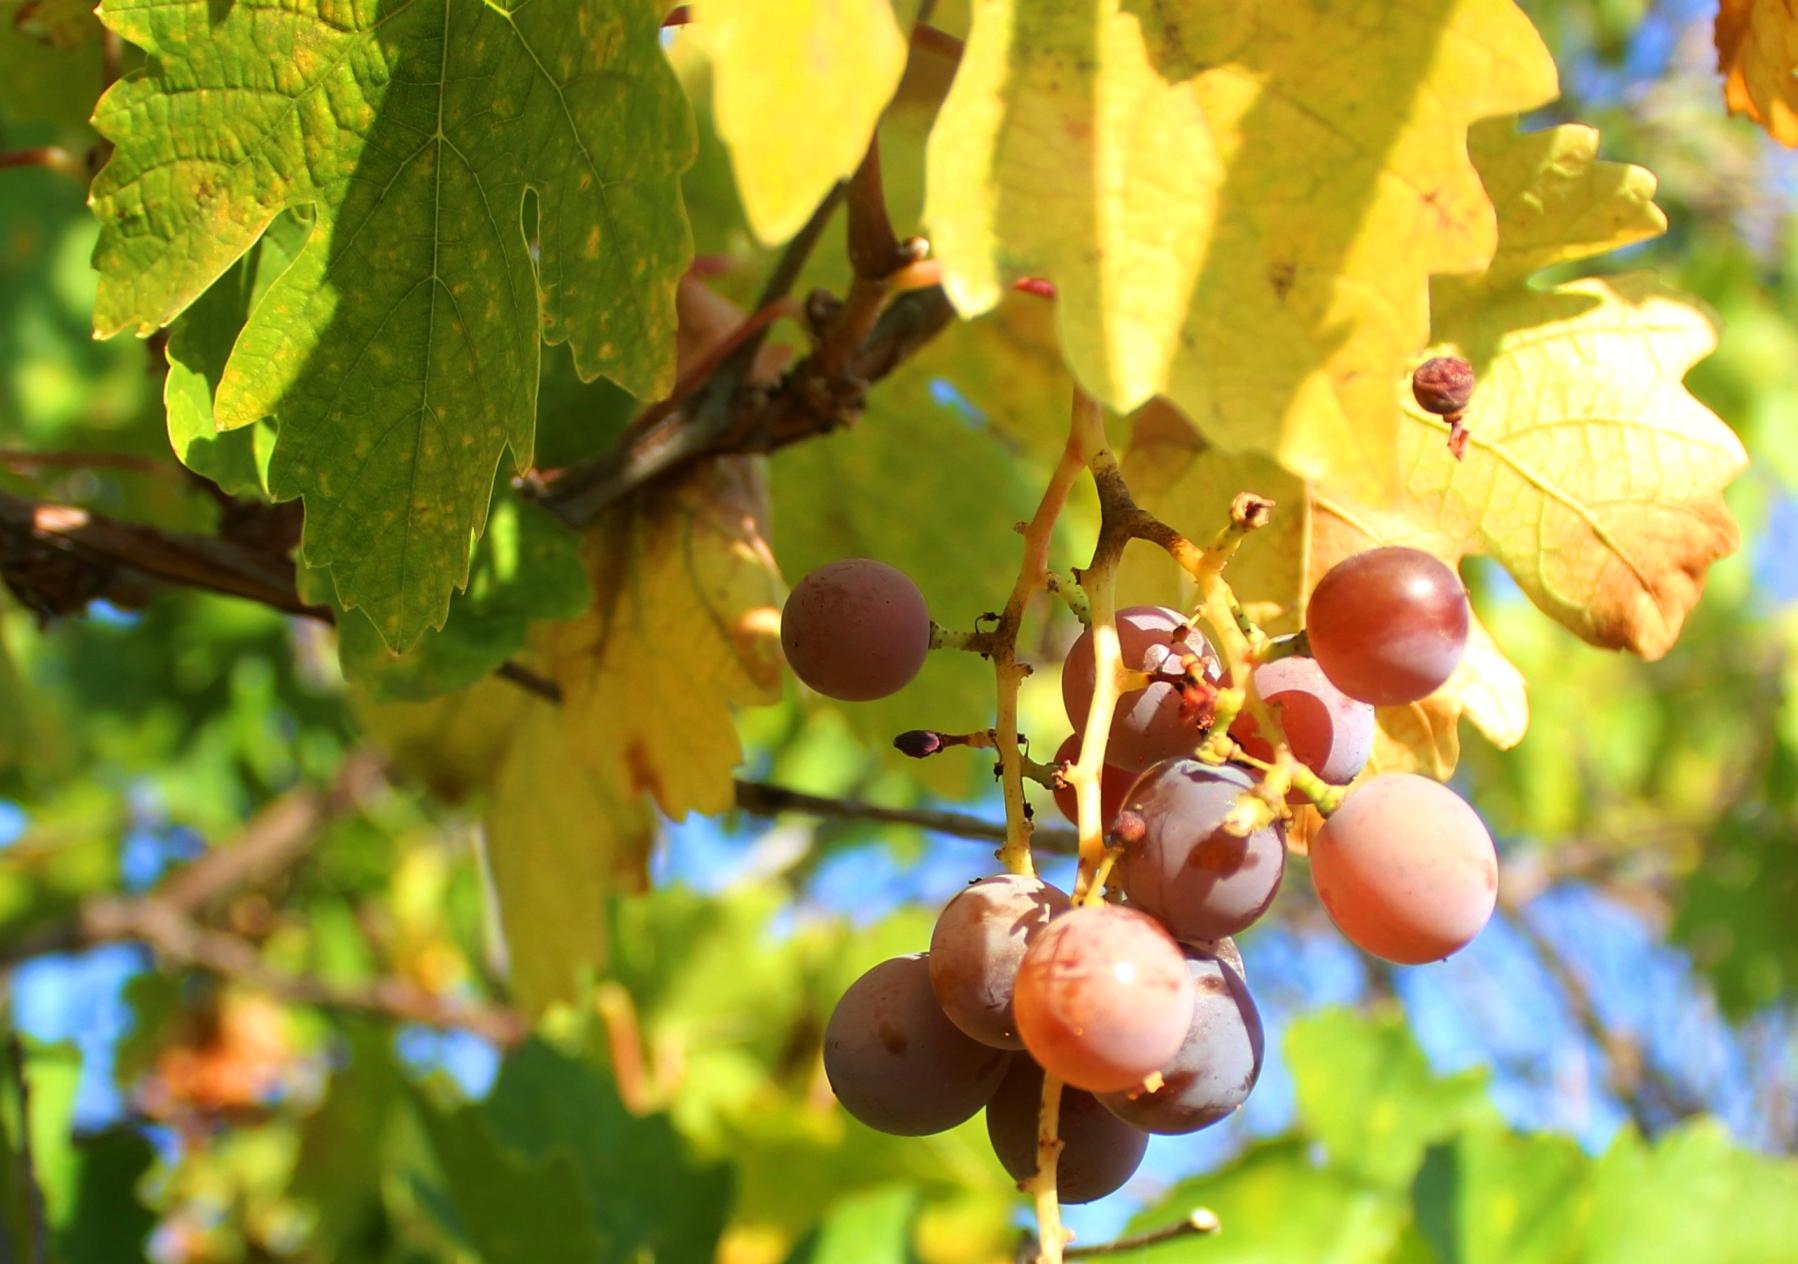 秋は実りの季節